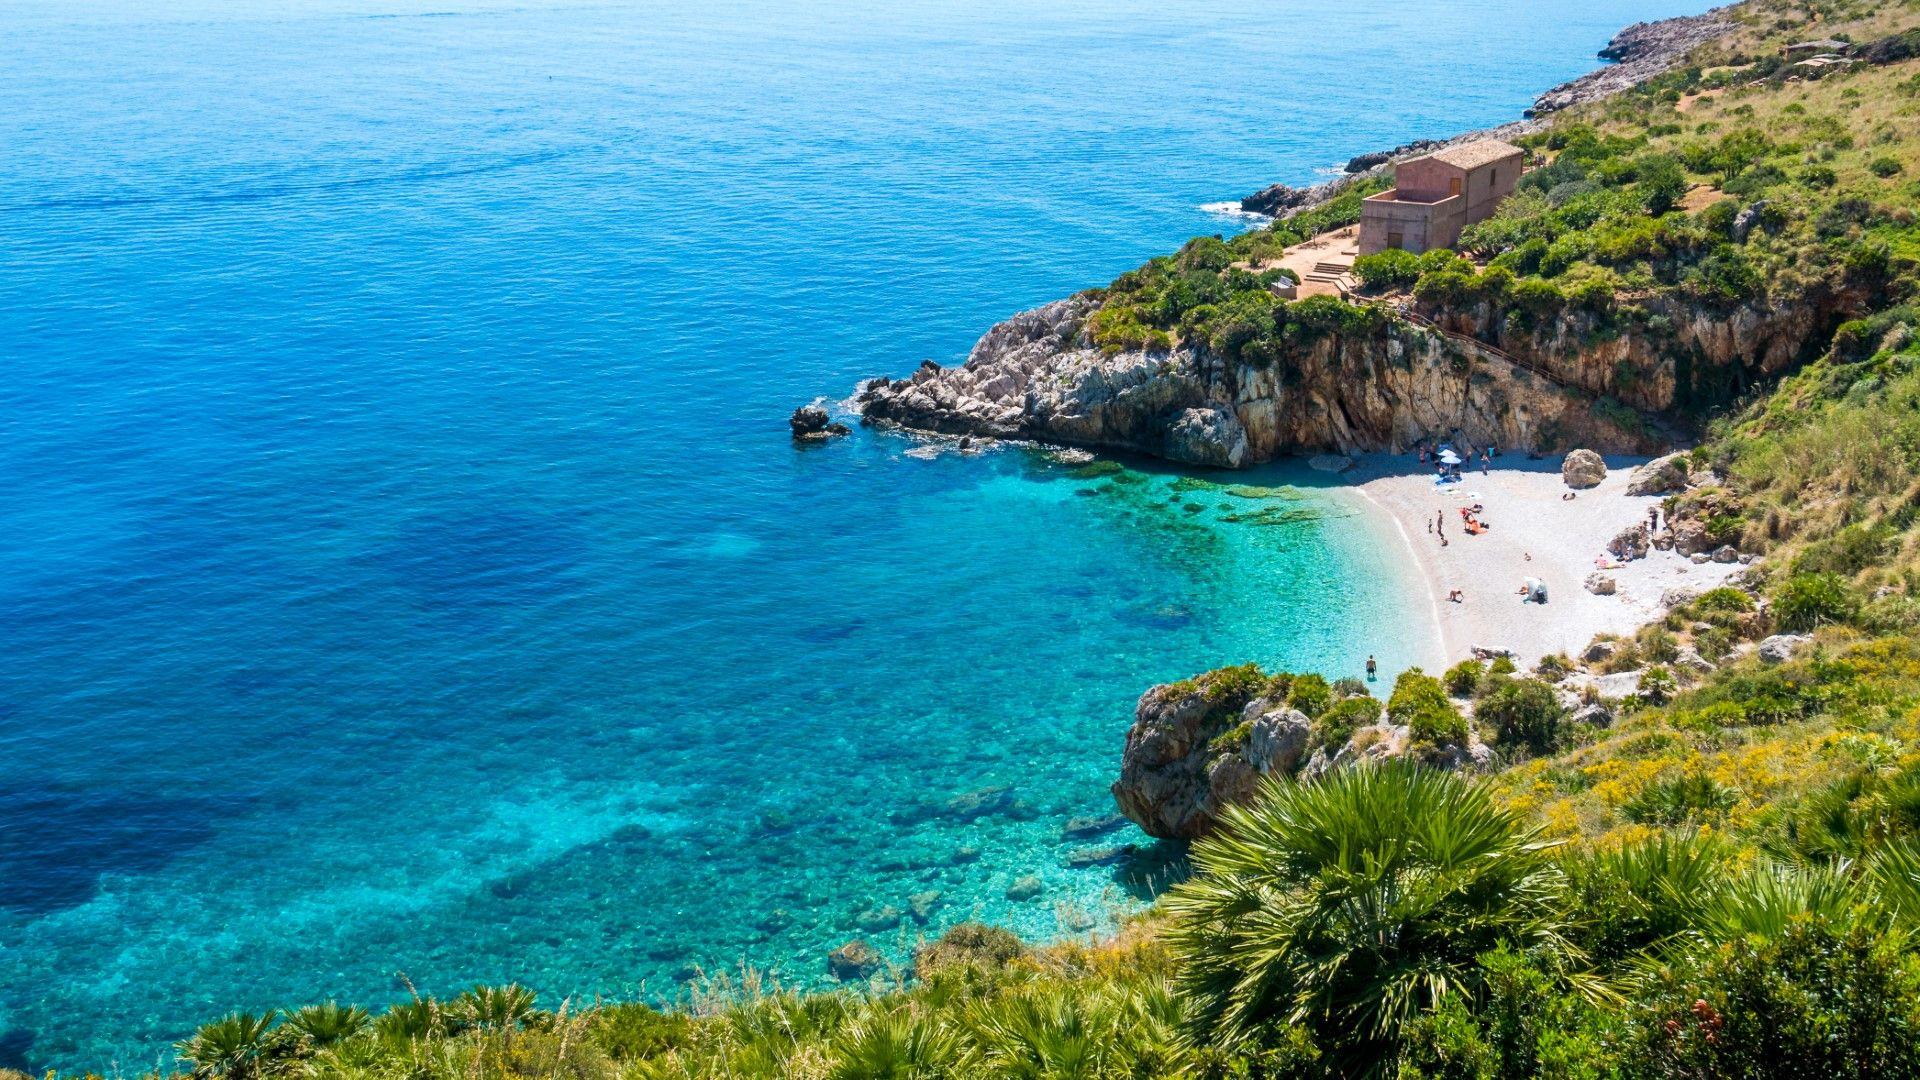 Кала Тонарела, Сицилия